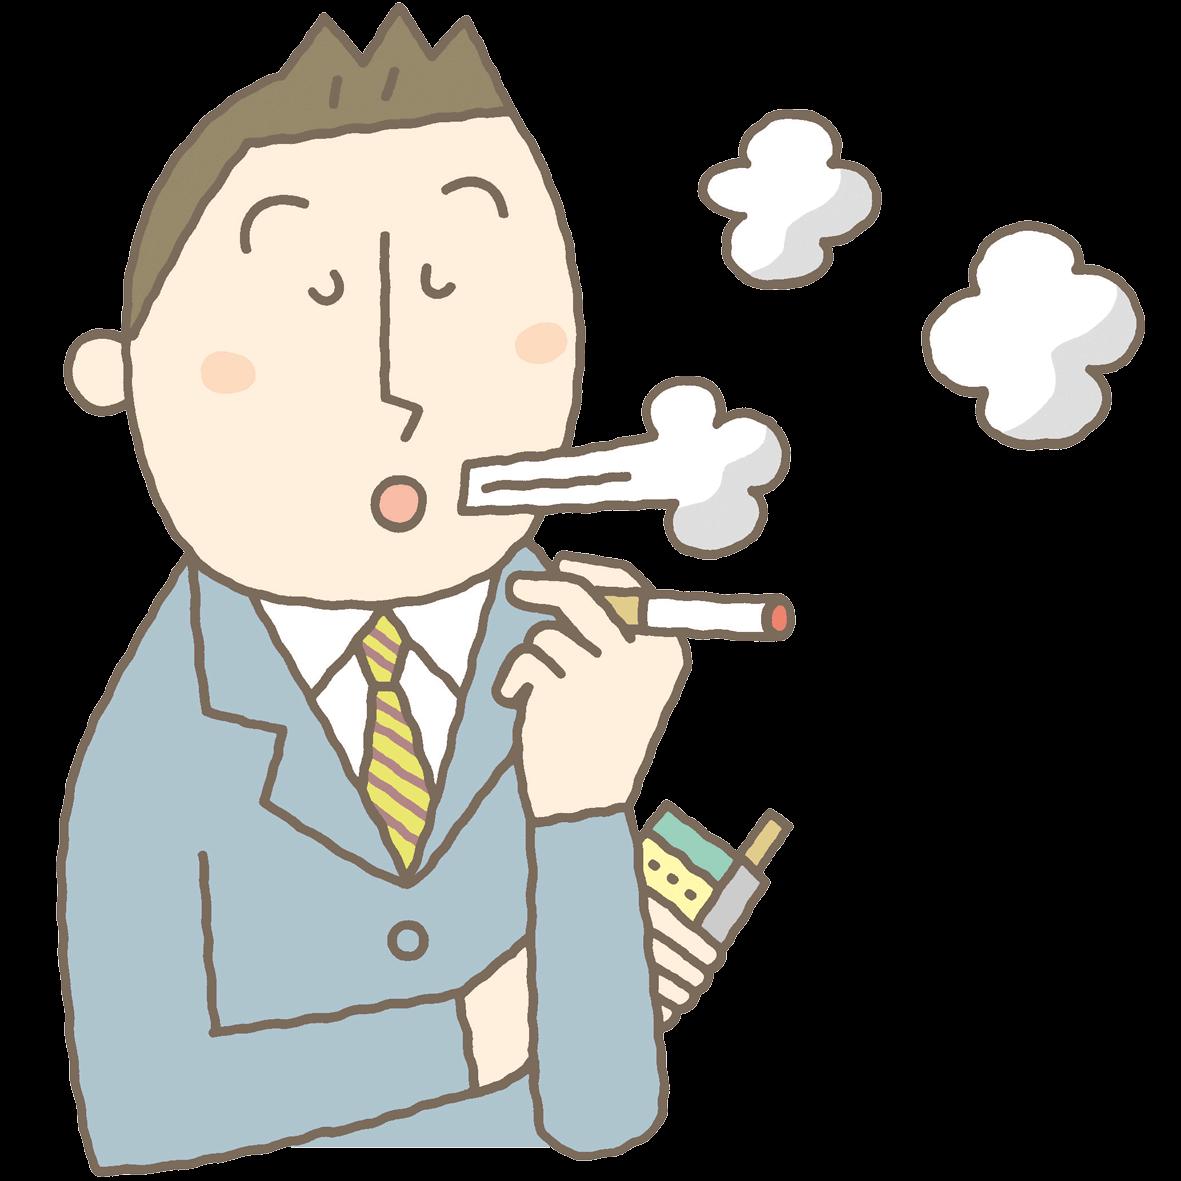 9.酒、タバコ、コショウなどの刺激物はさけましょう。